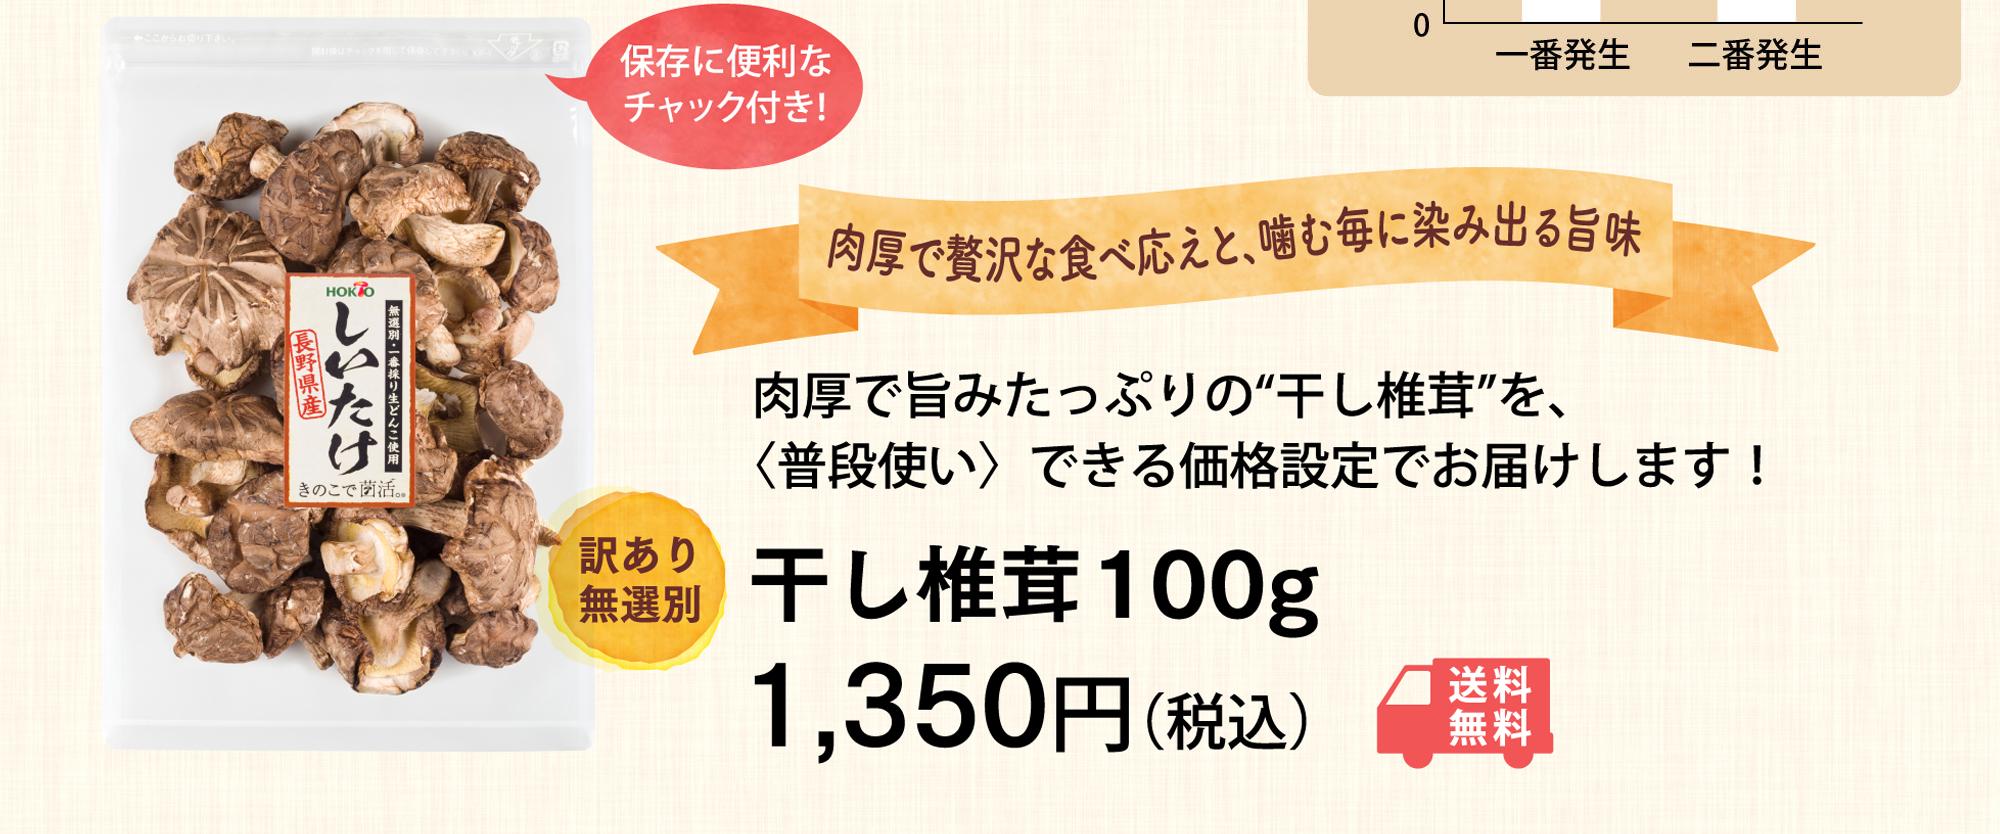 """肉厚で旨みたっぷりの""""干し椎茸""""を、〈普段使い〉できる価格設定でお届けします! 干し椎茸100g1,500円(税込)"""